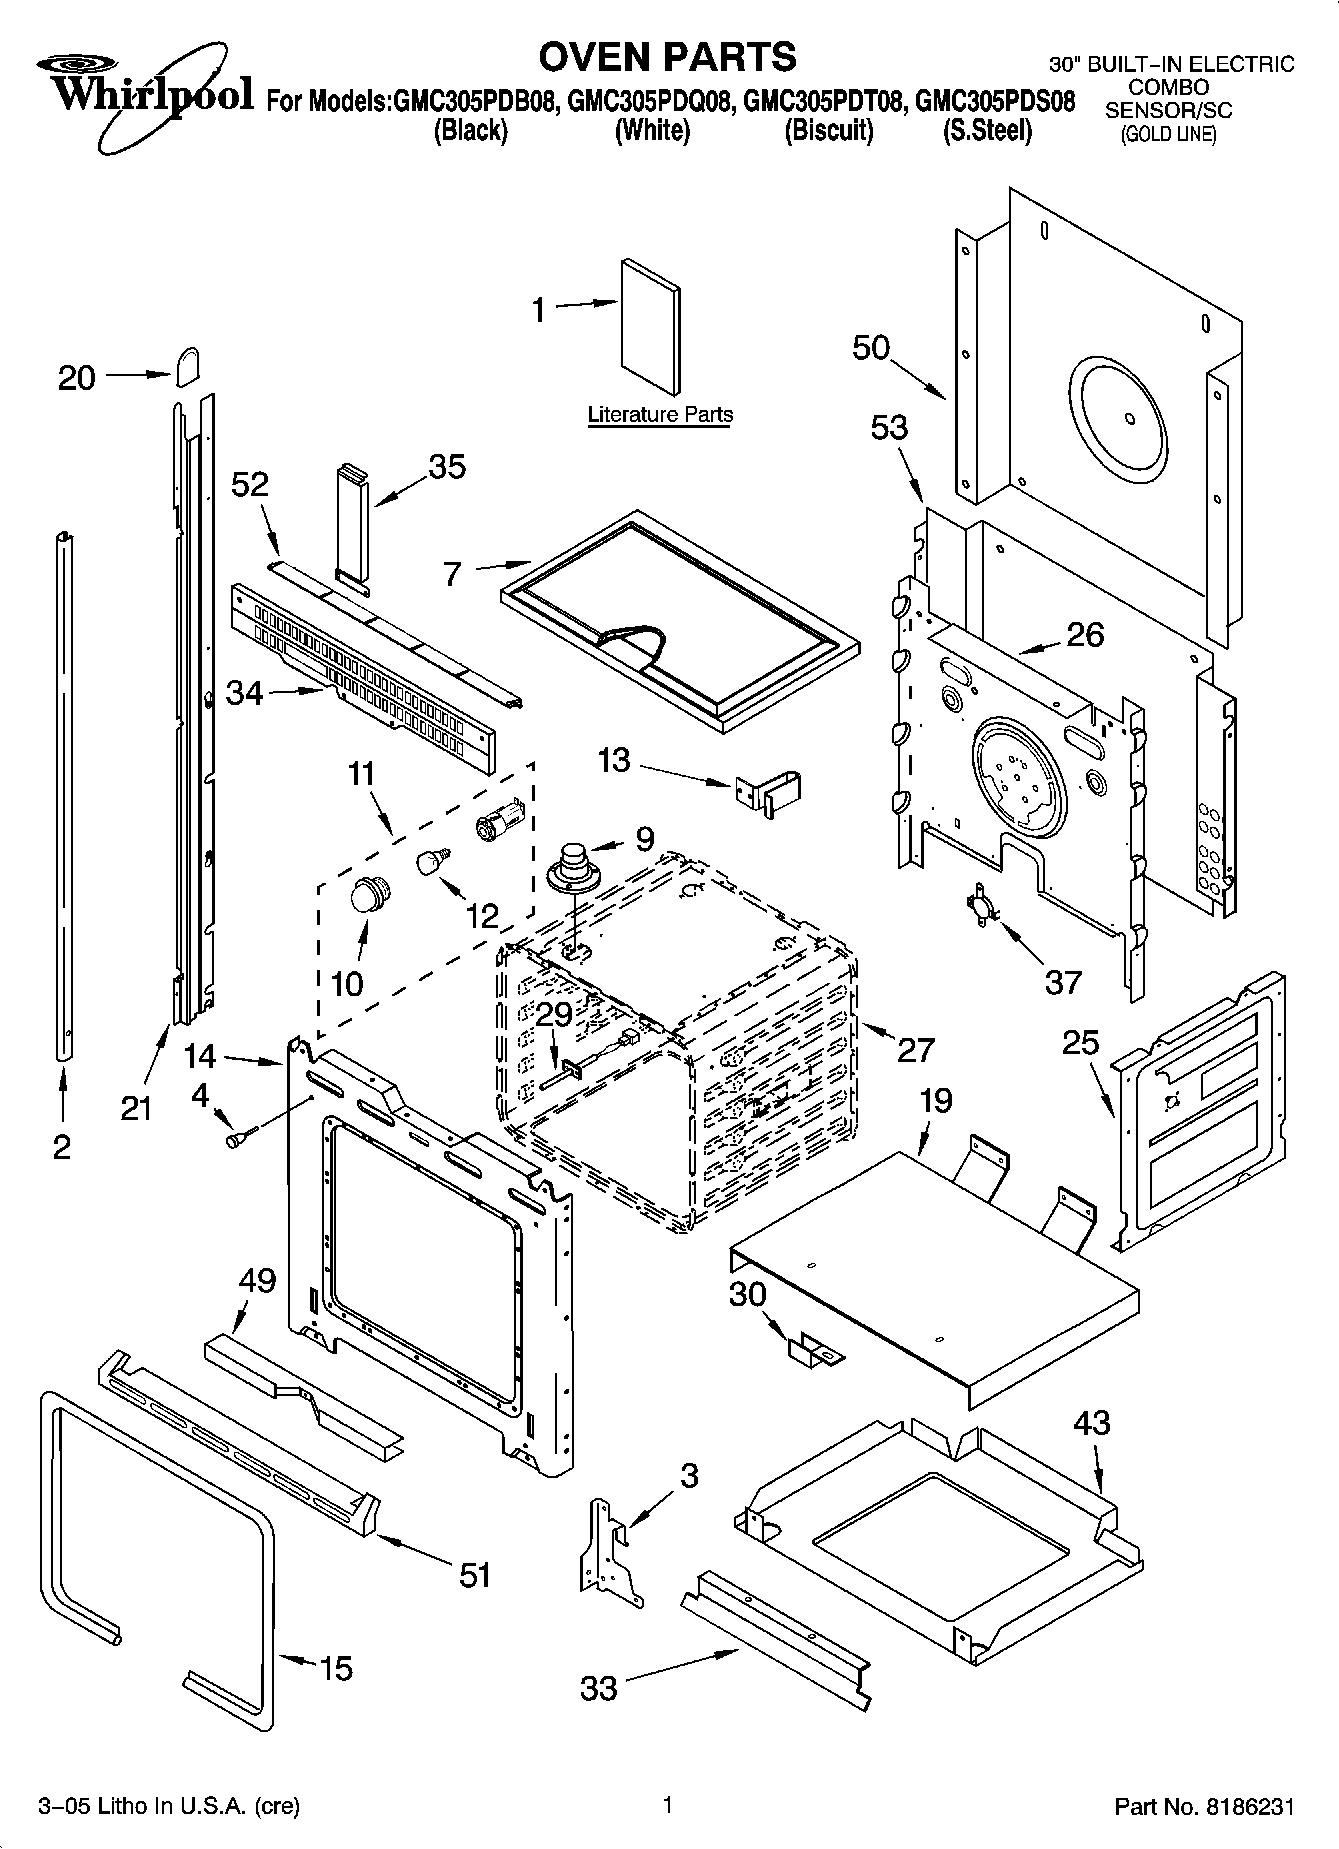 GMC305PDT08